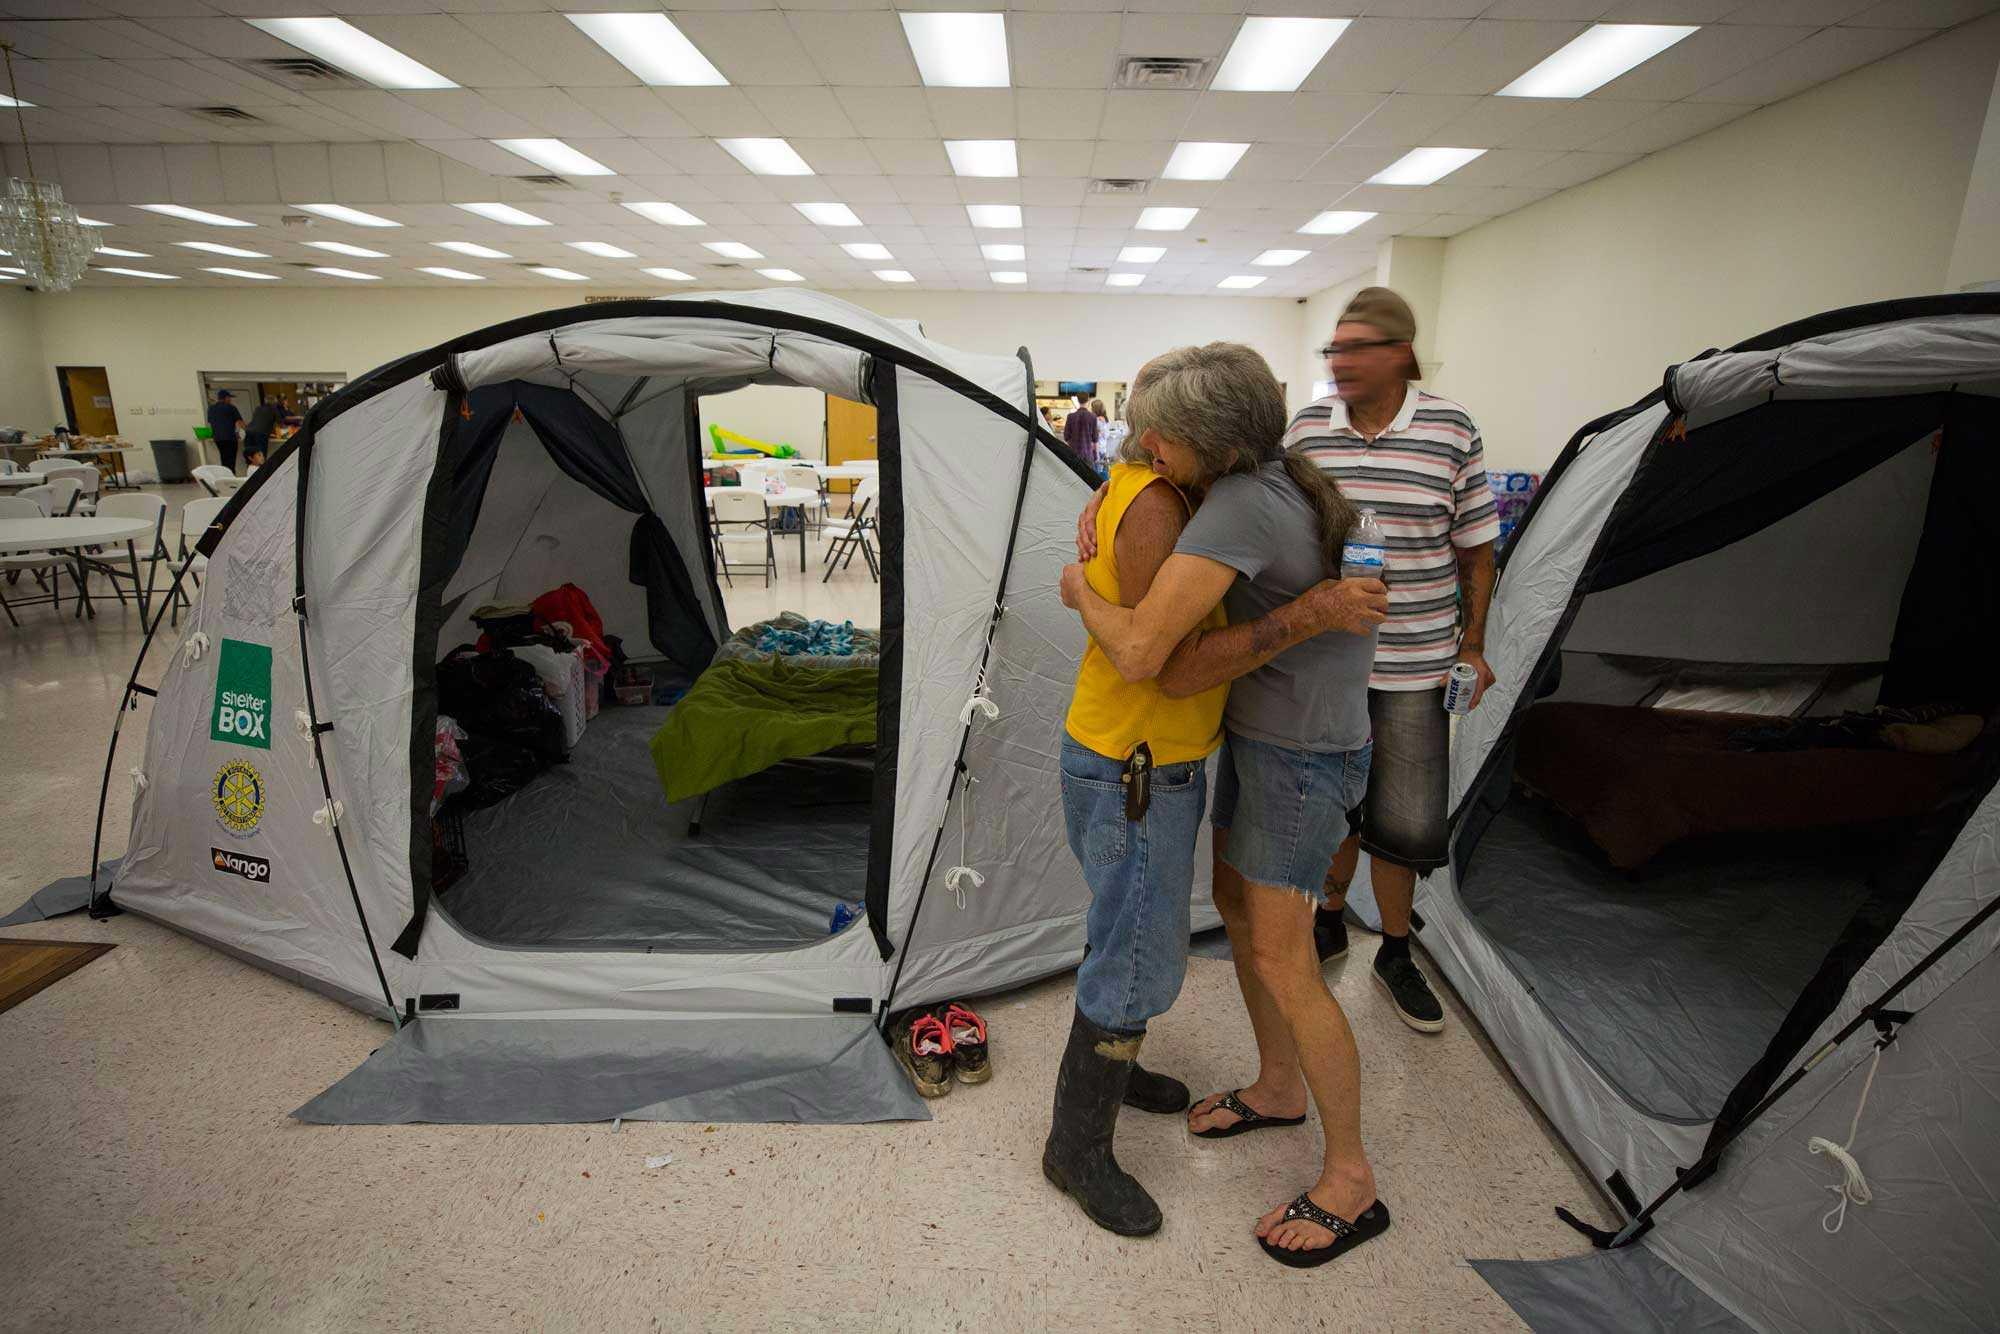 ShelterBox Responds to Hurricane Irma